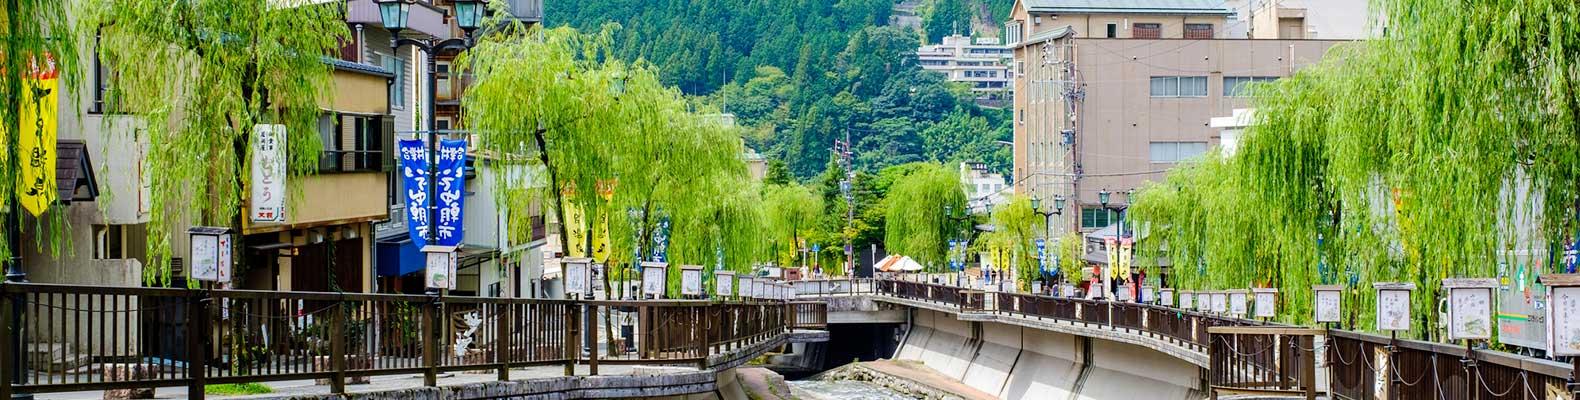 旅で日本を元気に全国への旅を支援するお得情報